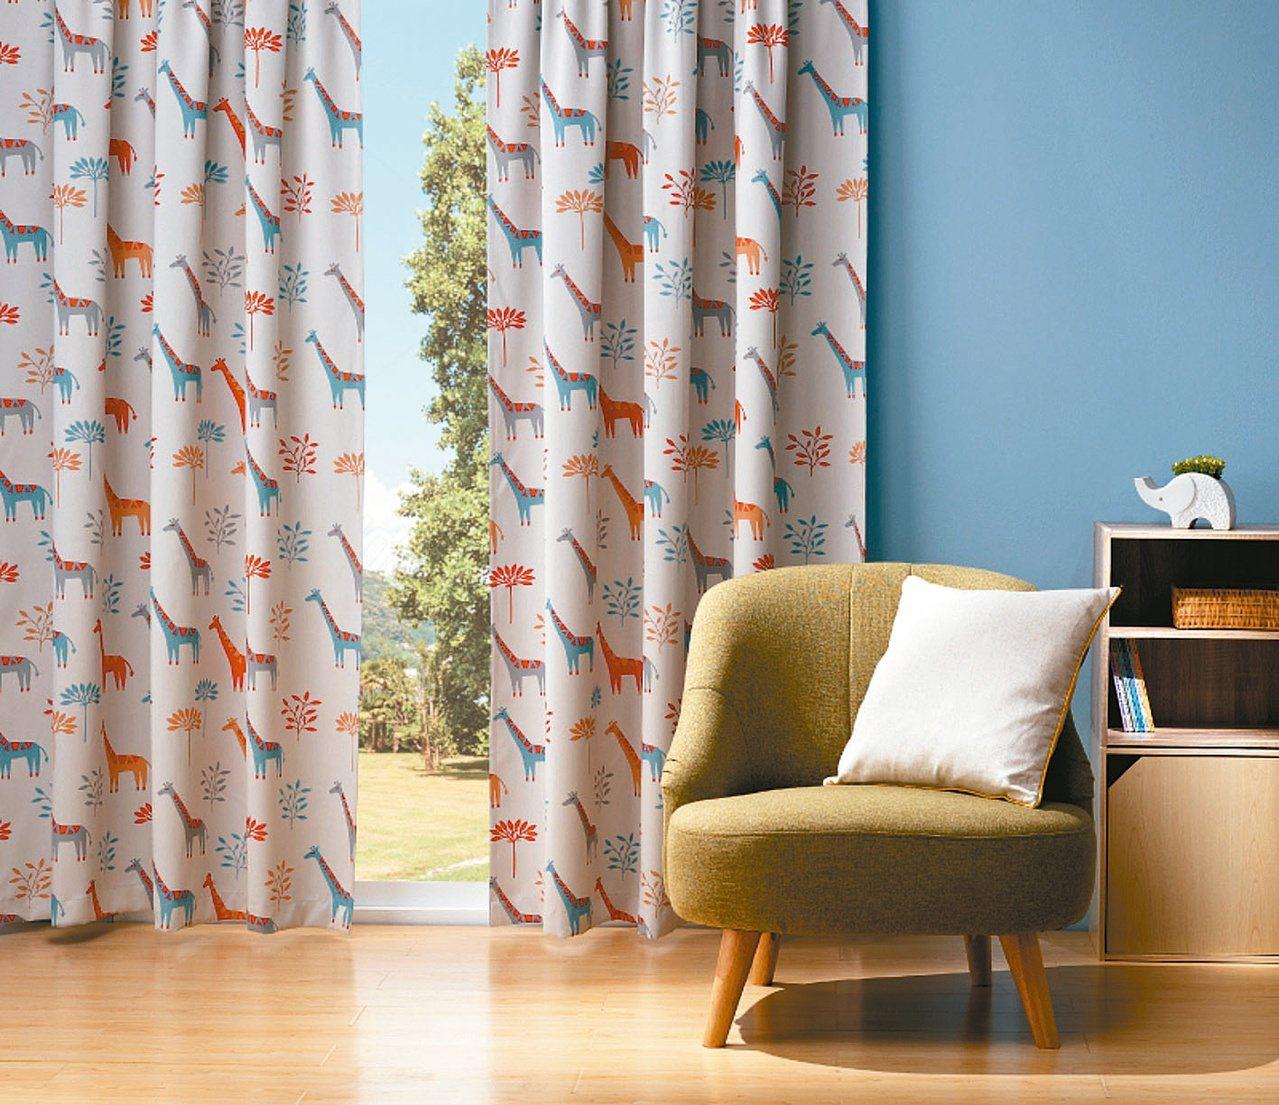 家中寢具換成防蟎抗菌材質,材質首選乳膠或聚脂纖維等。圖/特力屋提供